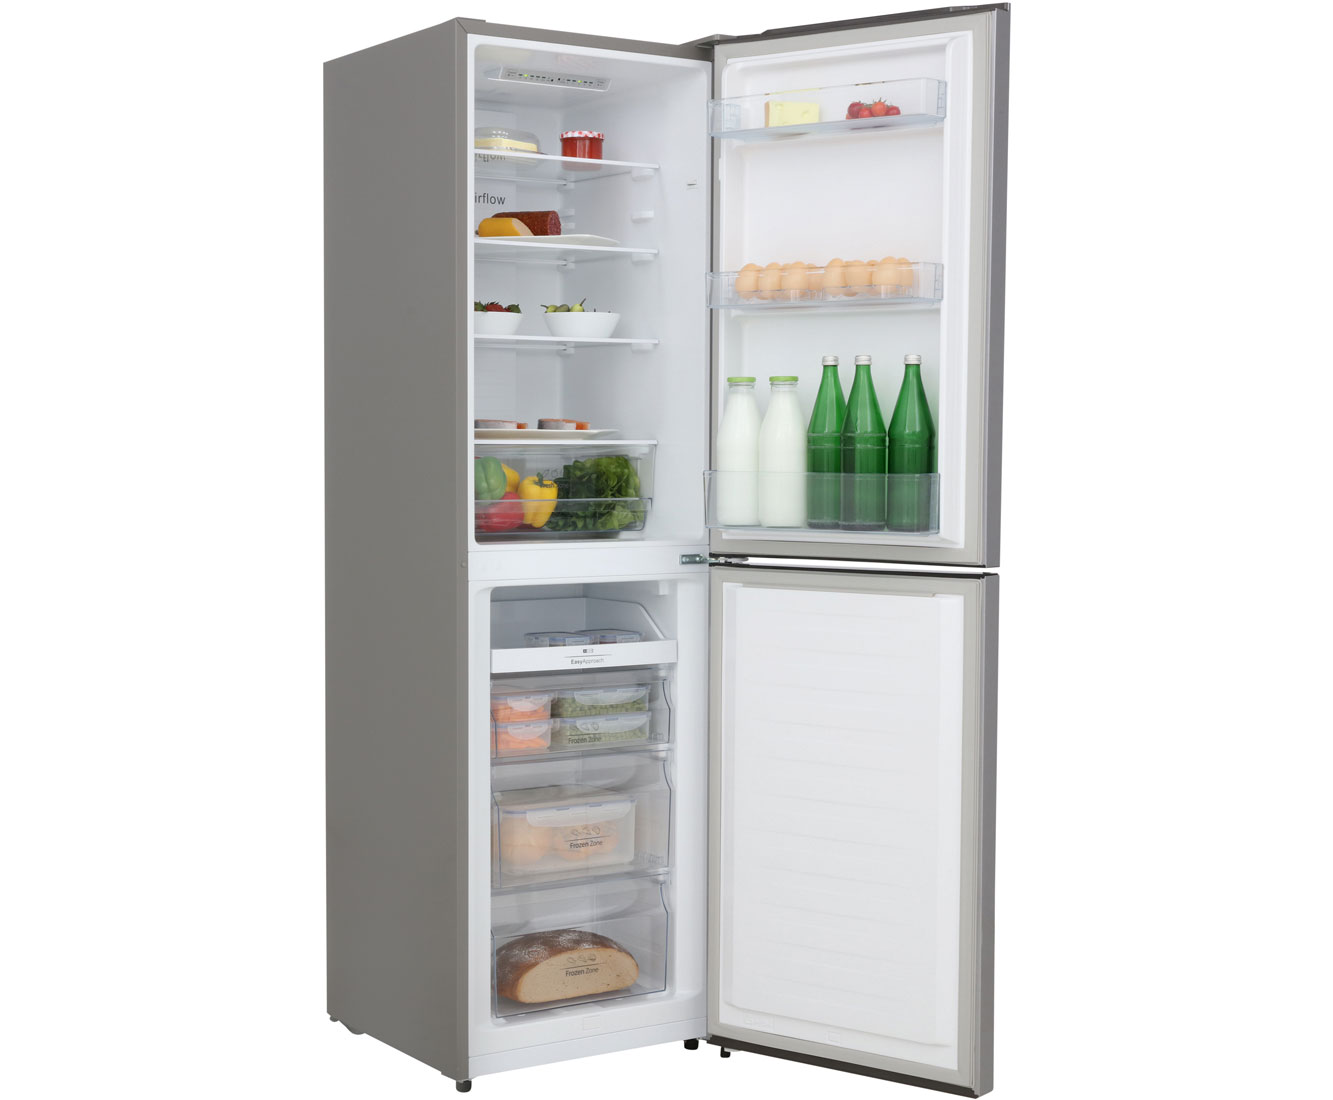 Aeg Kühlschrank Mit Gefrierfach Bedienungsanleitung : Aeg kühlschrank mit gefrierfach bedienungsanleitung aeg sdb as